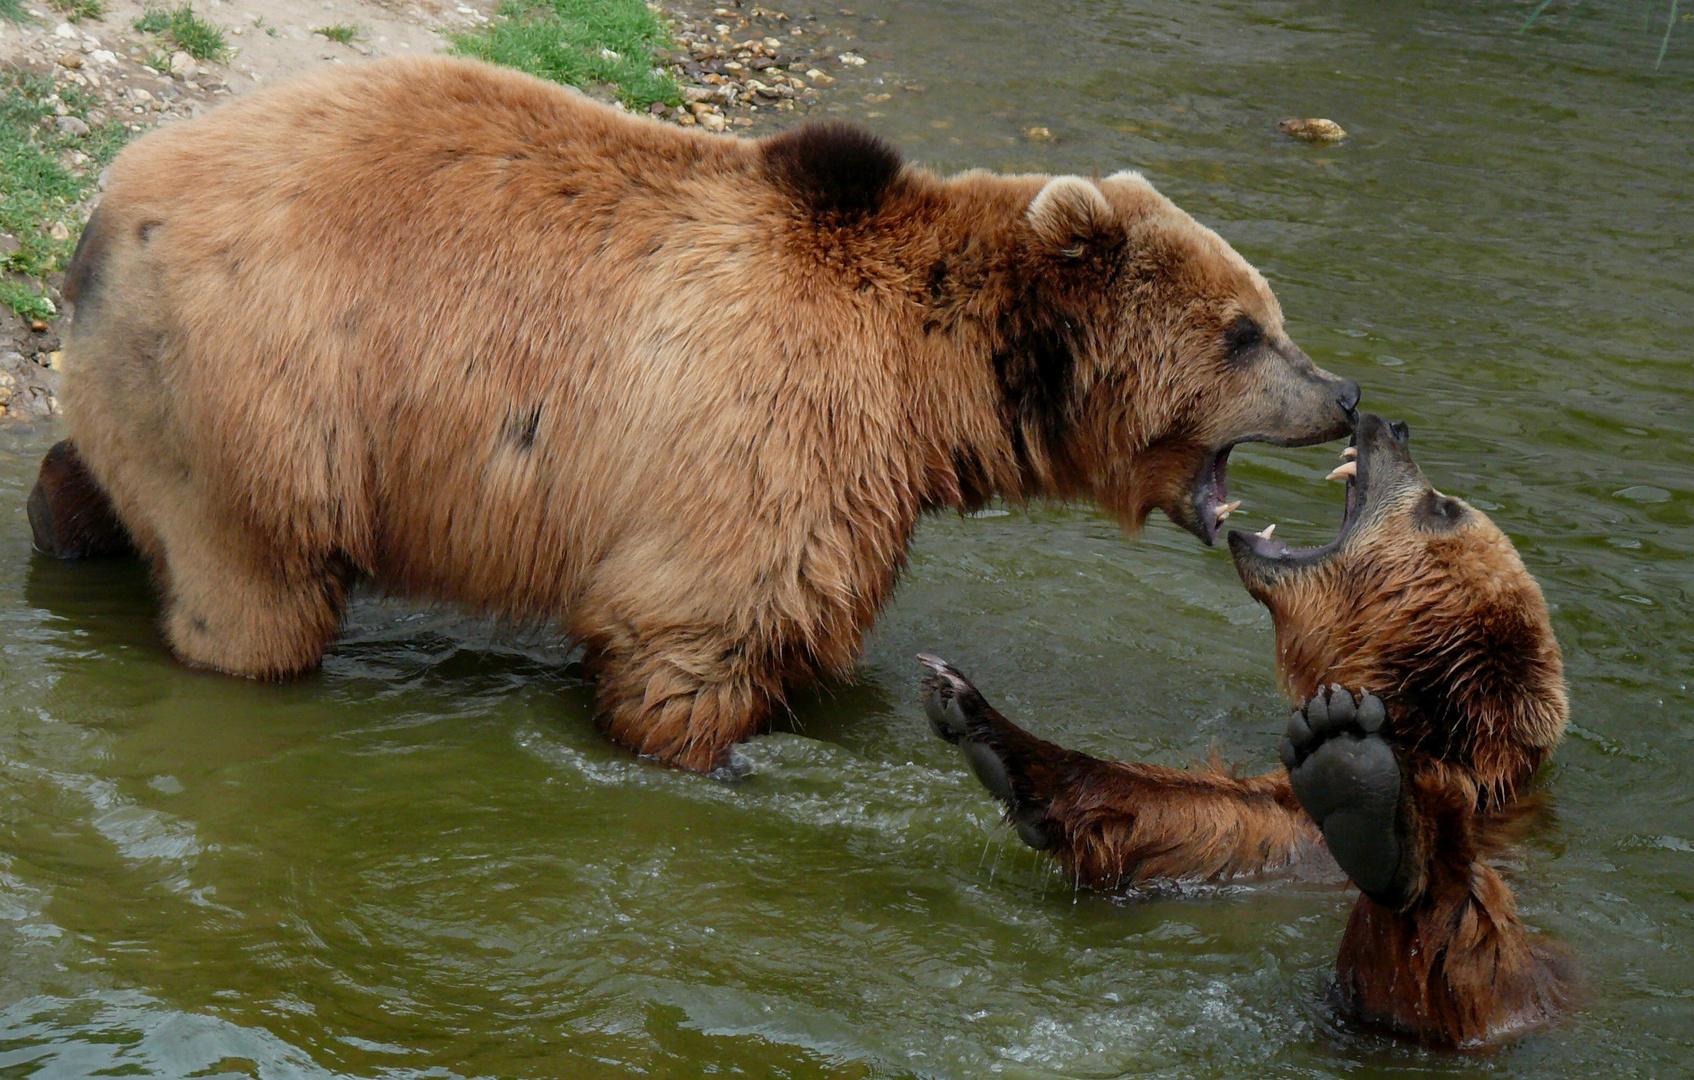 kodiakbären in der zoomerlebniswelt foto  bild  tiere